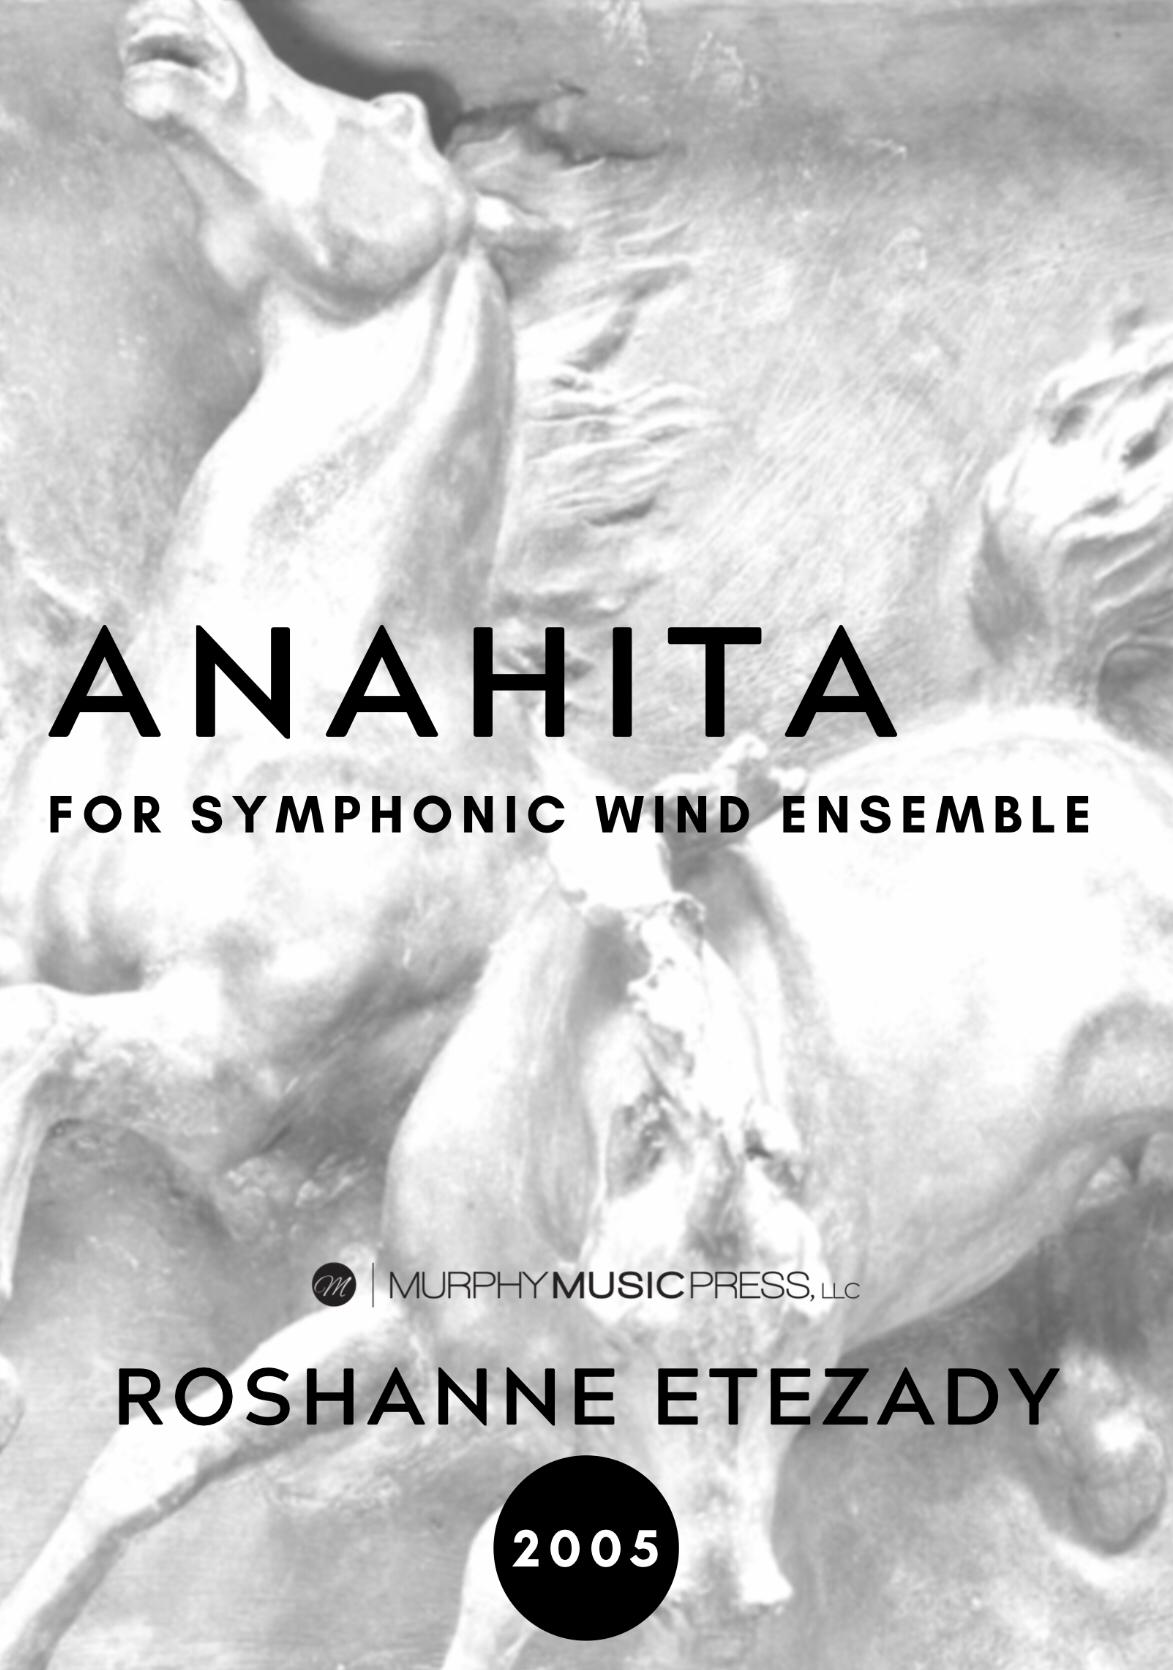 Anahita by Roshanne Etezady